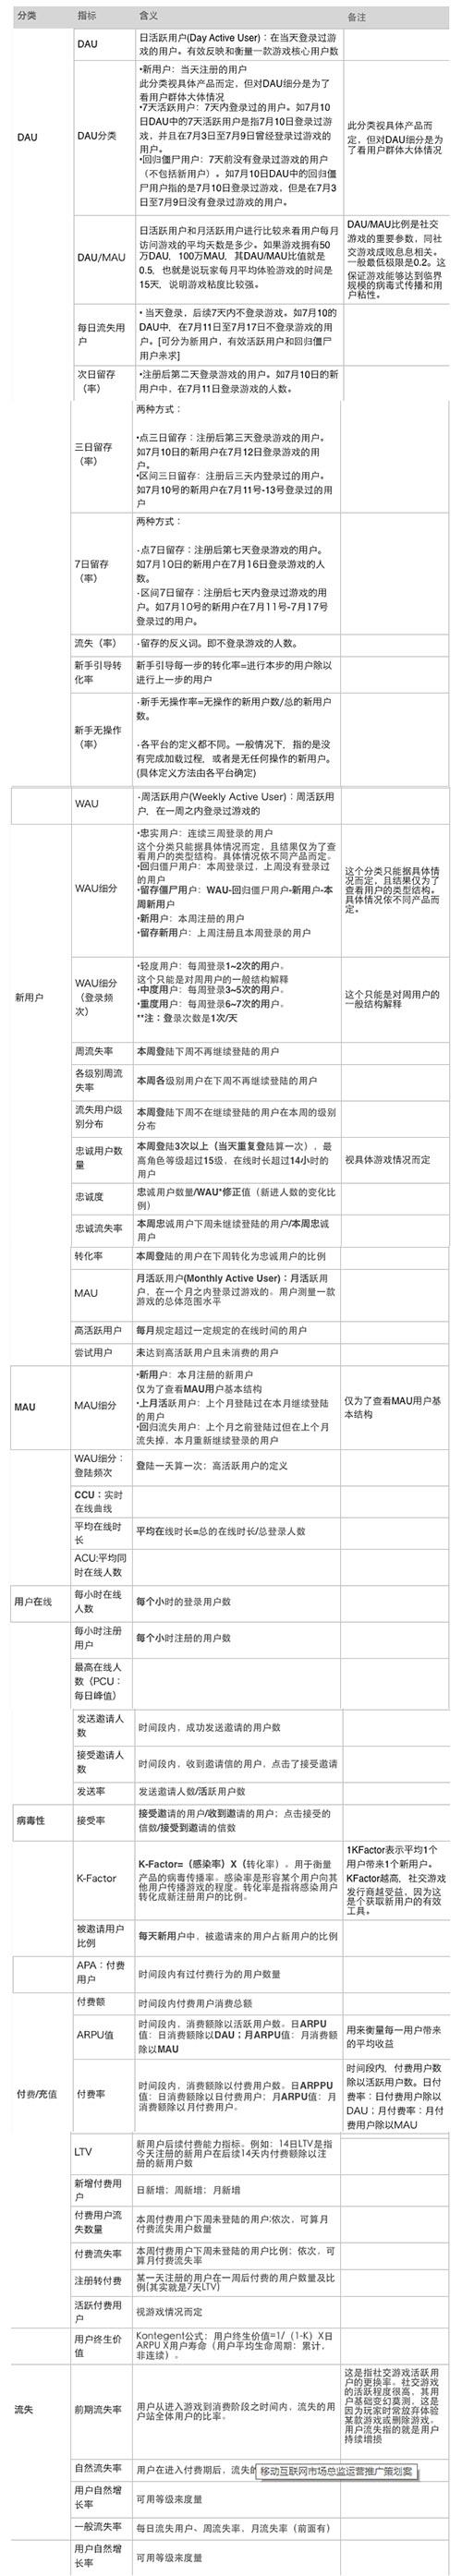 史上最全最详细的APP运营推广策划方案-马海祥博客